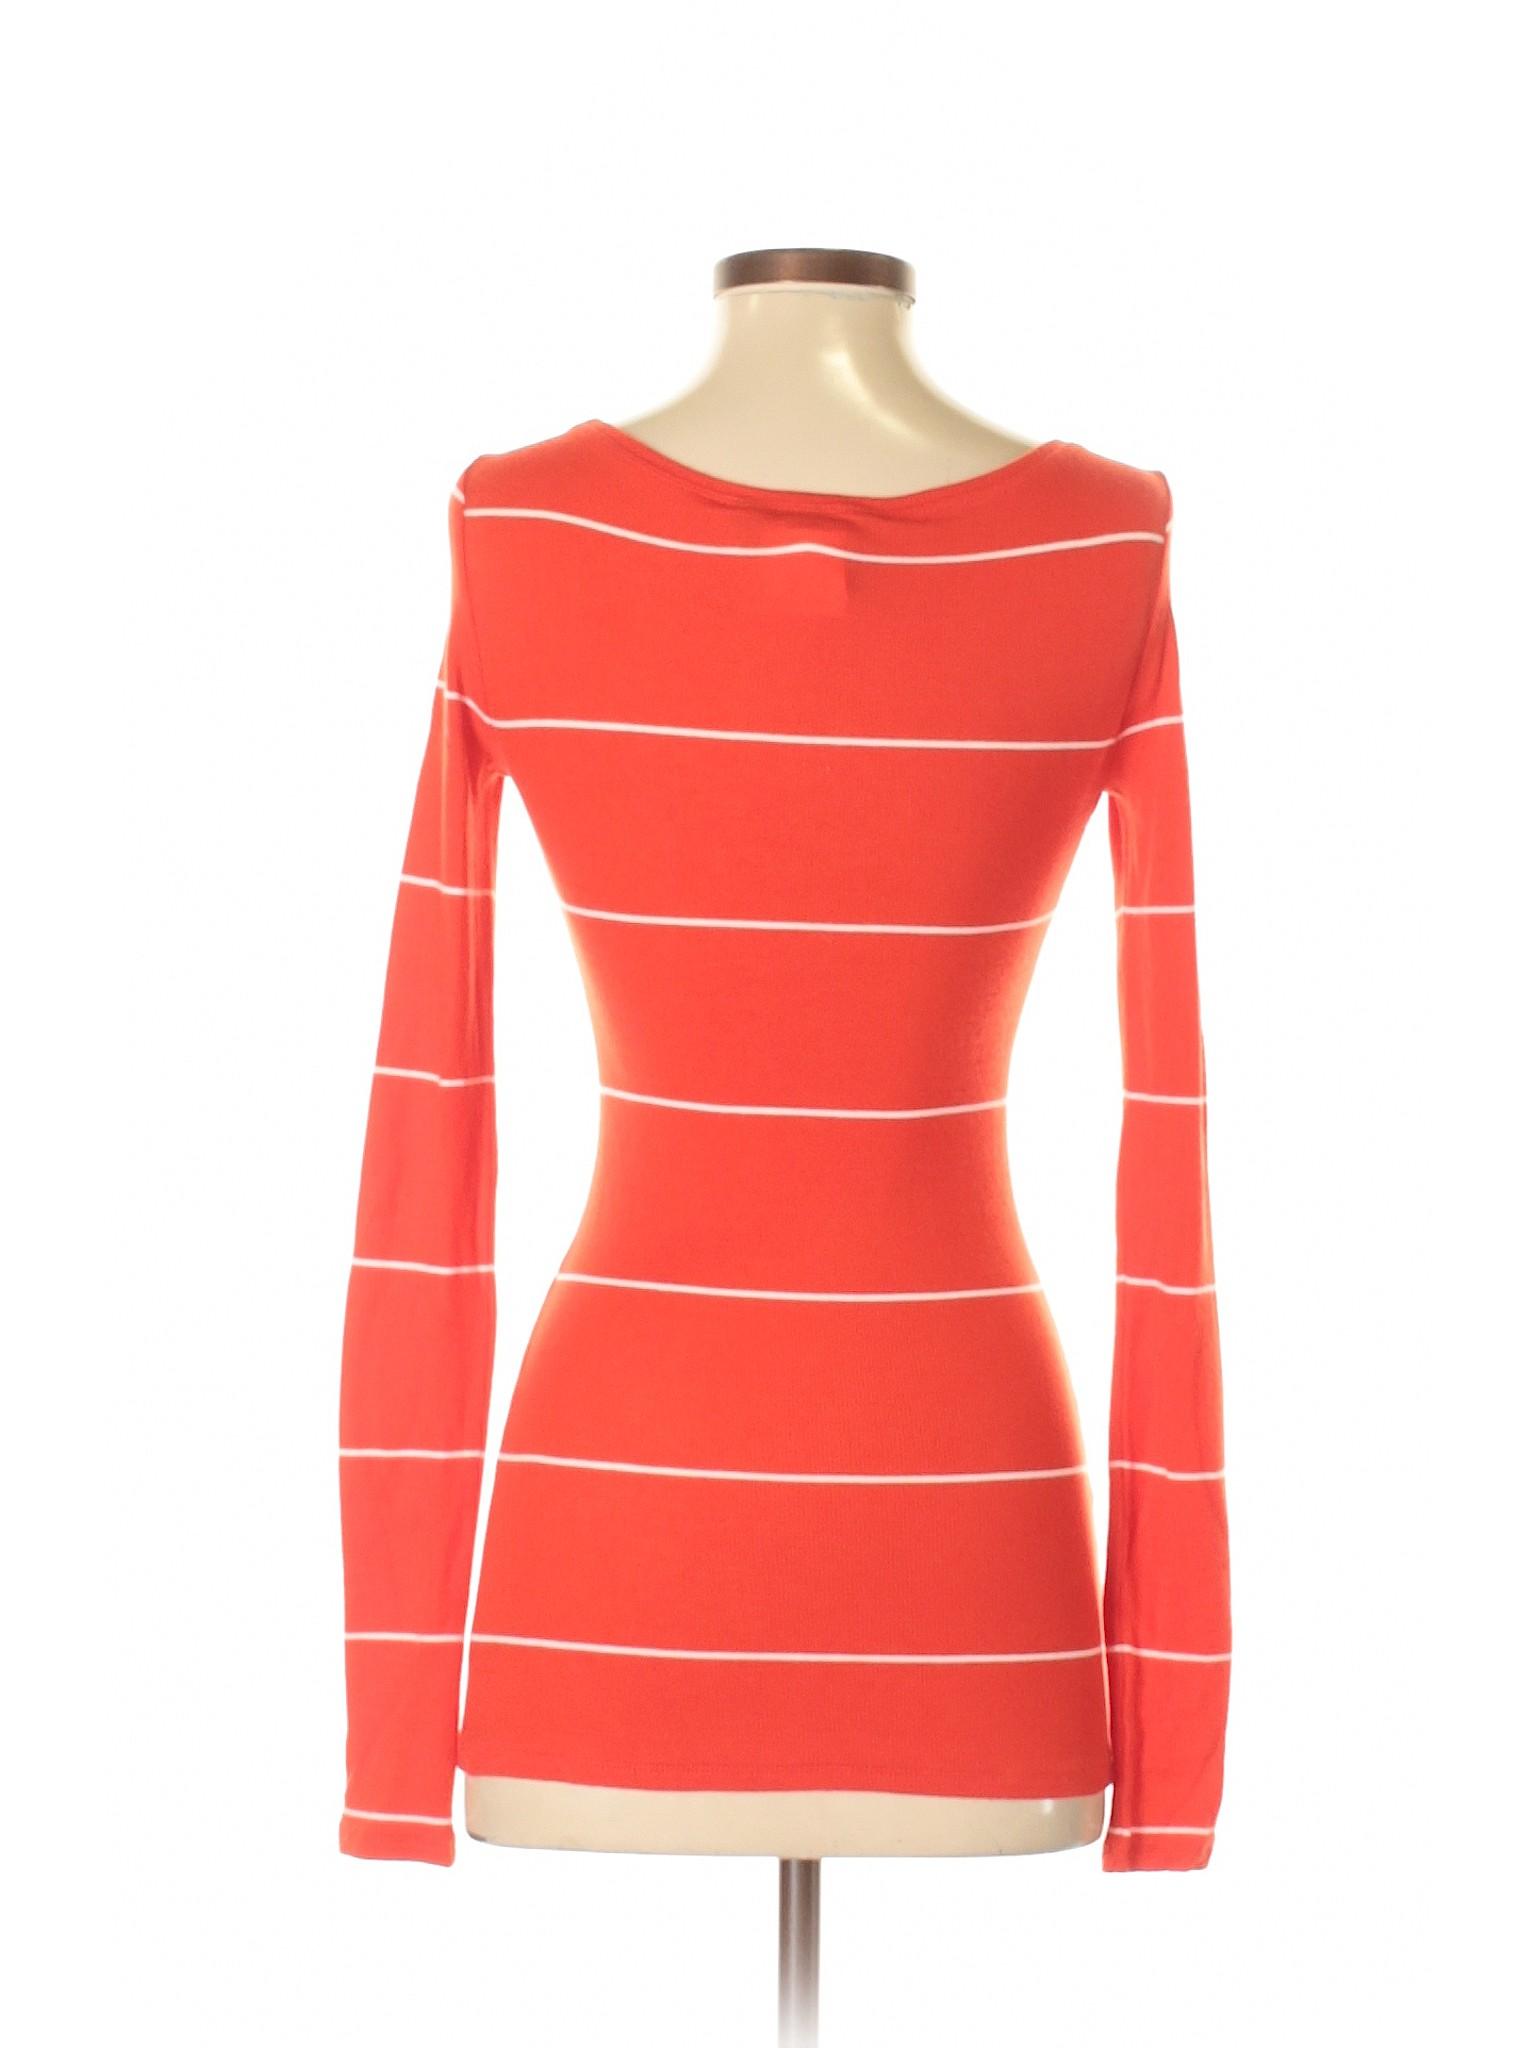 Boutique BCBGMAXAZRIA winter Sweater winter Pullover winter BCBGMAXAZRIA BCBGMAXAZRIA Pullover Pullover Boutique Boutique Sweater rrdv1wSxq